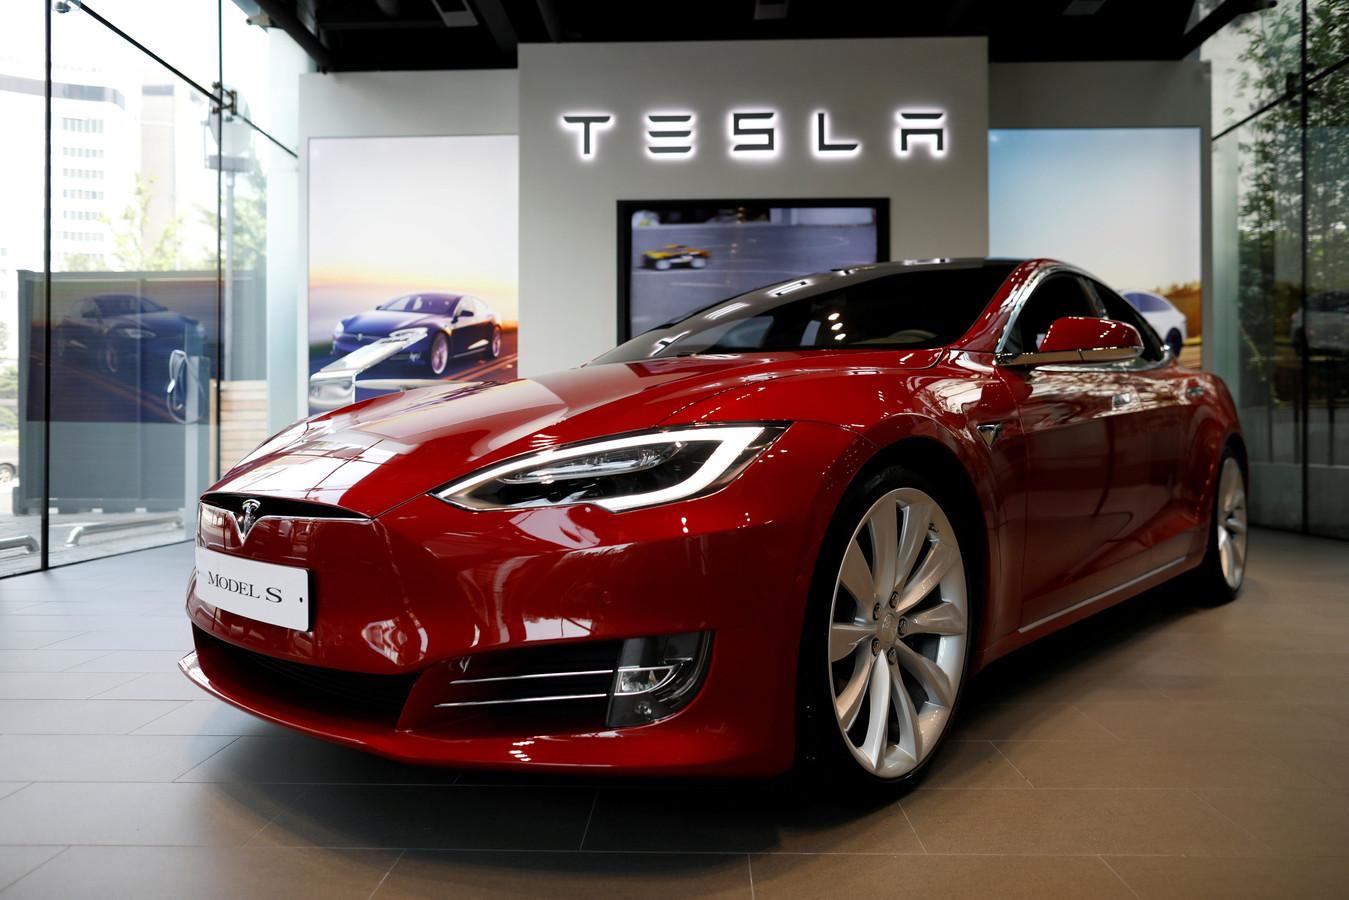 Rood blijft nog wel een standaardkleur bij Tesla